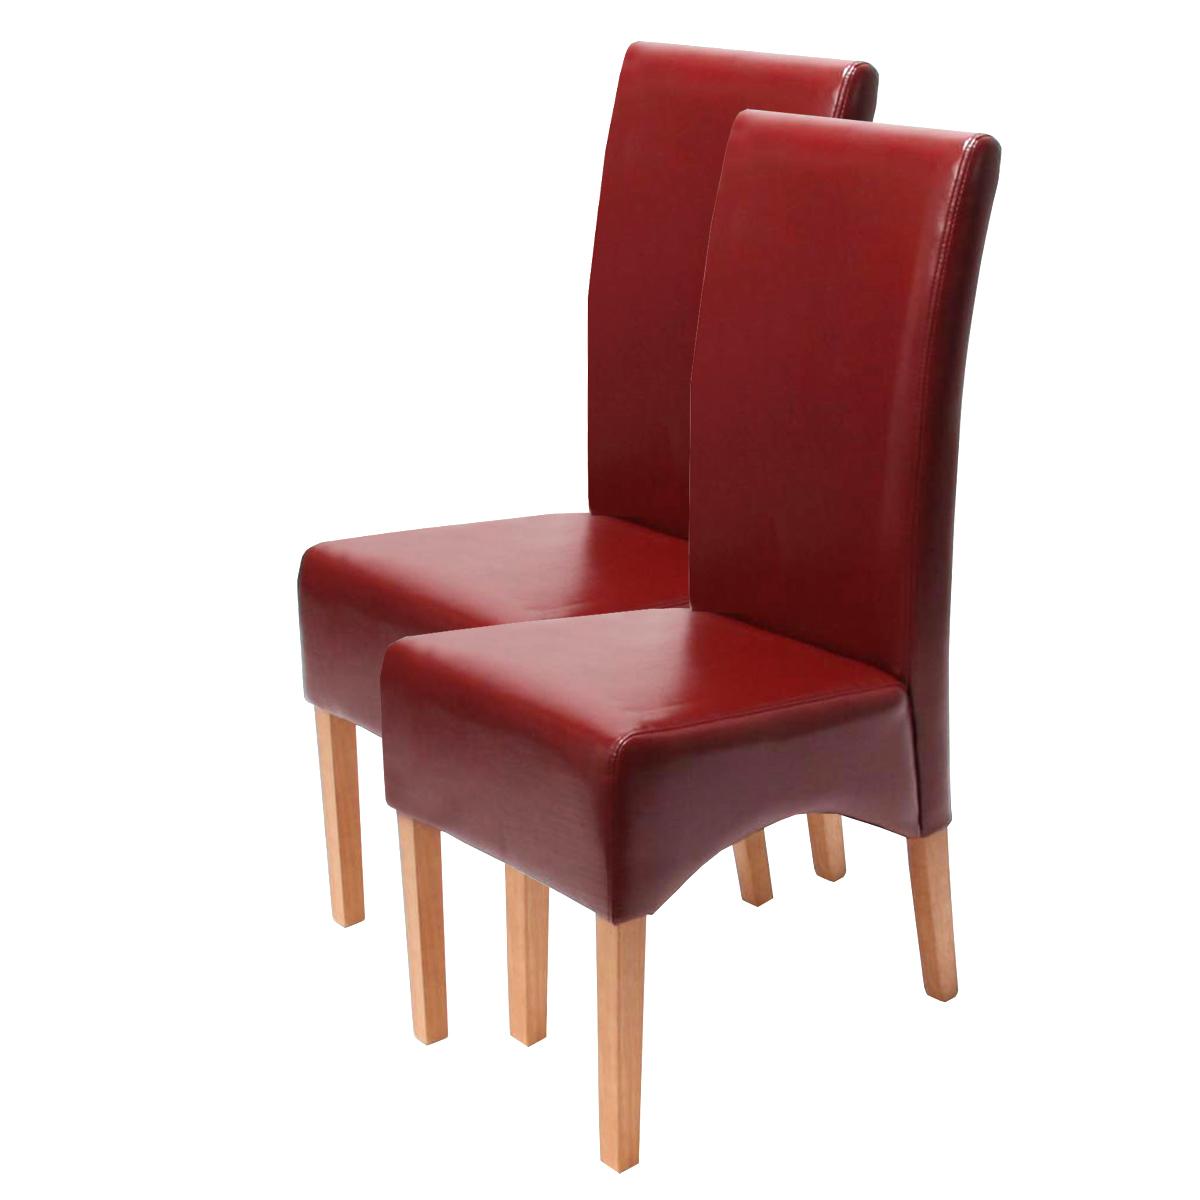 2x Esszimmerstuhl Latina, LEDER rot, helle Beine